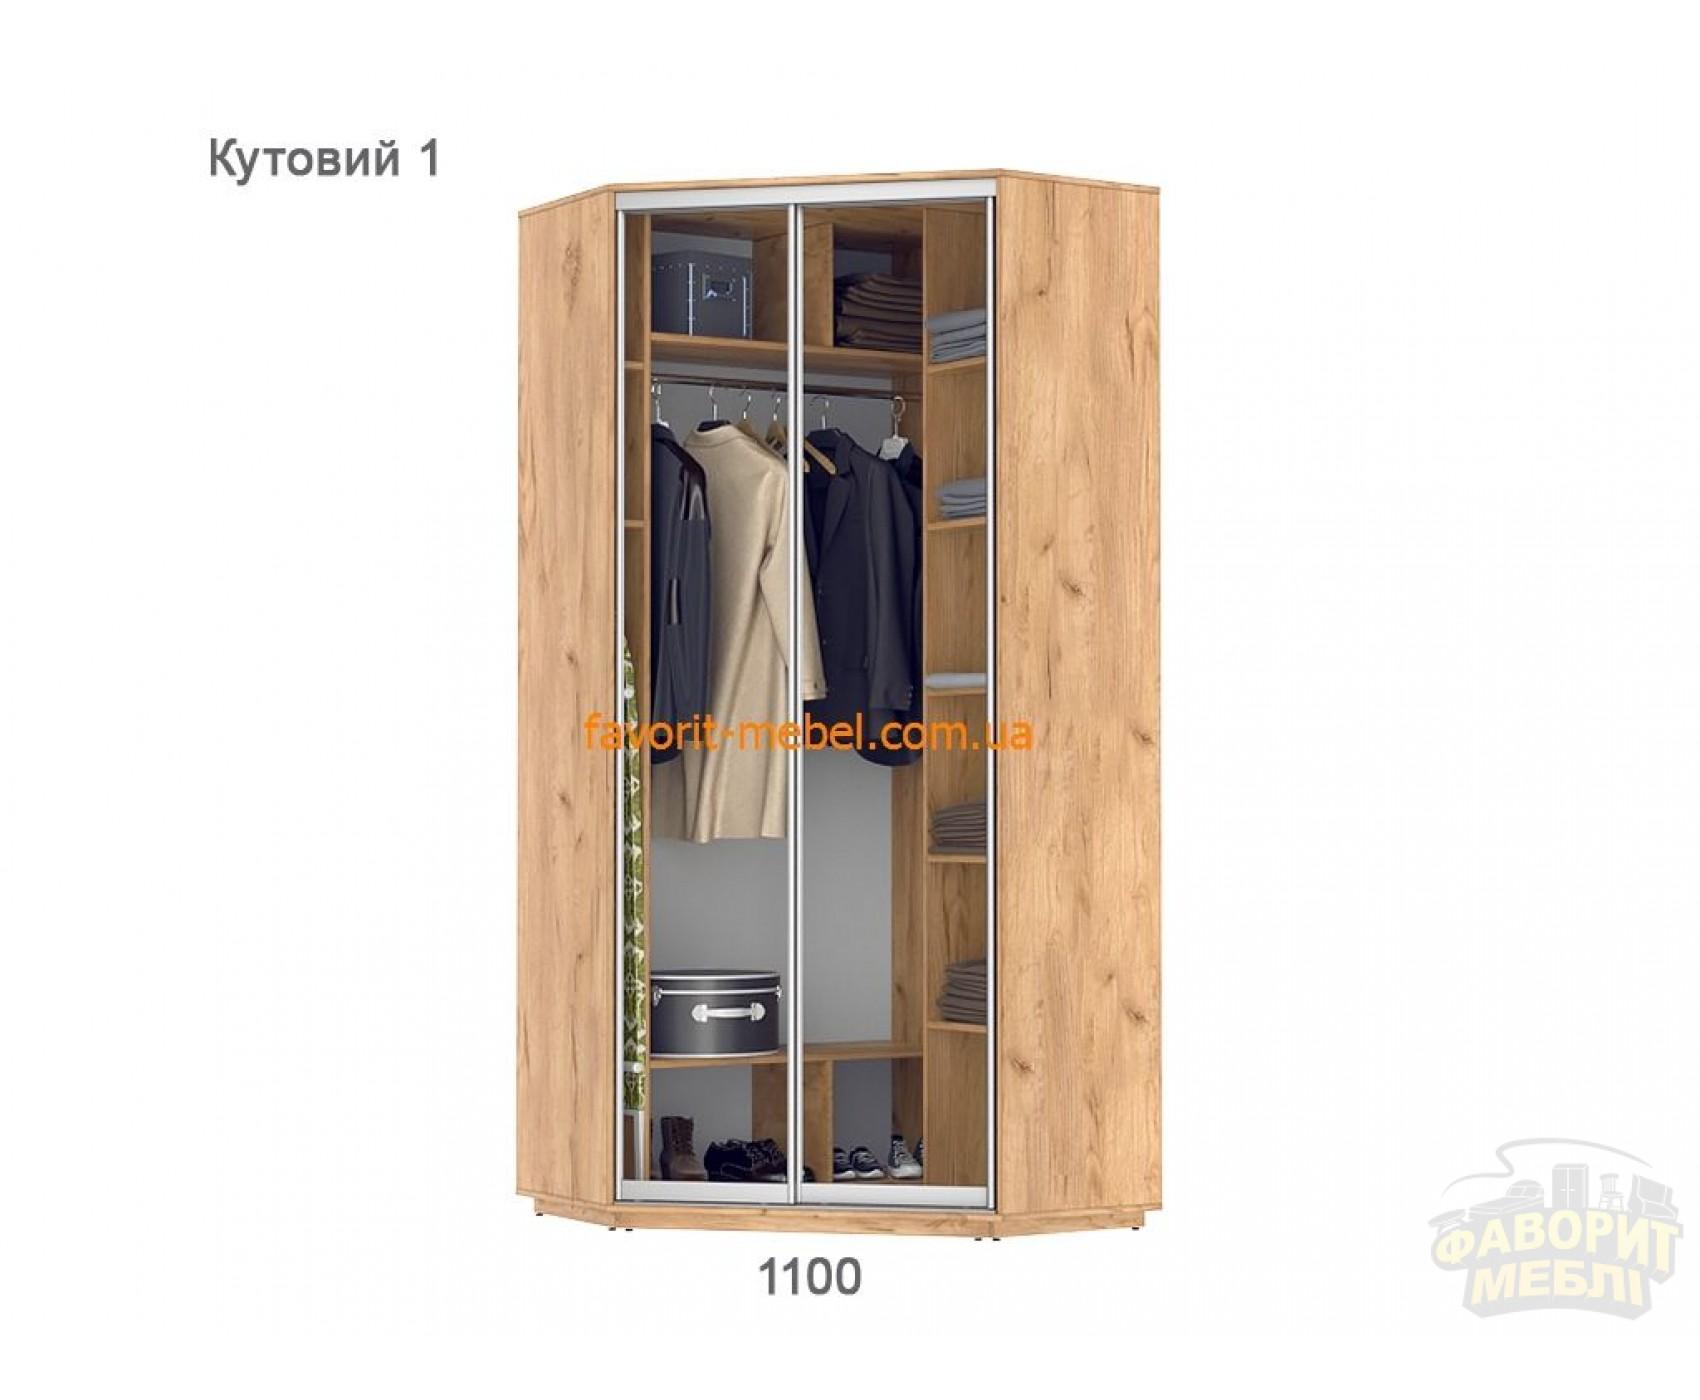 Шкаф купе Практик угловой 1 (110х110х240 см)